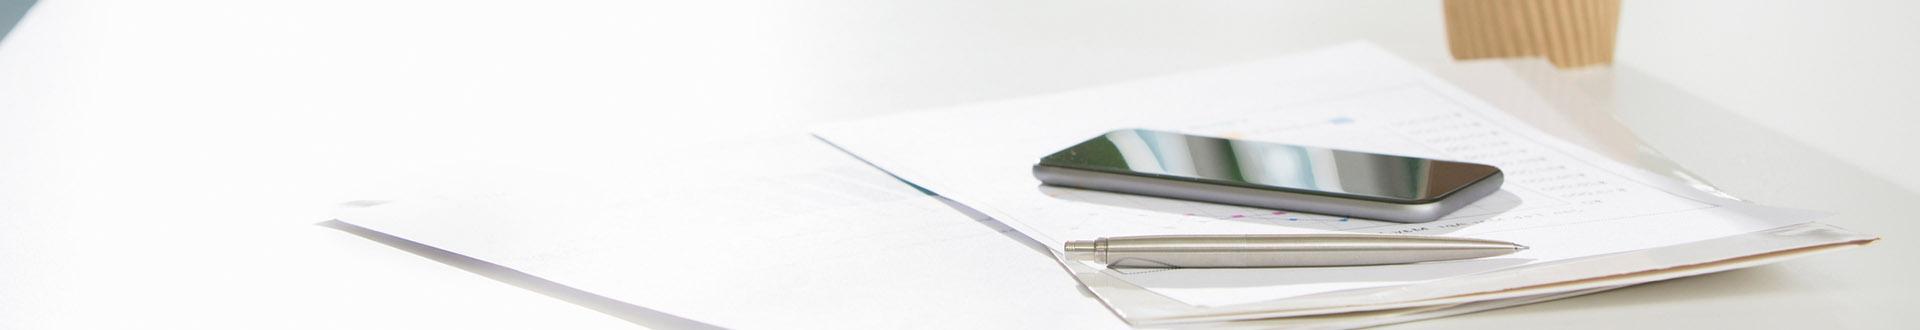 Długopis i telefon na dokumentach